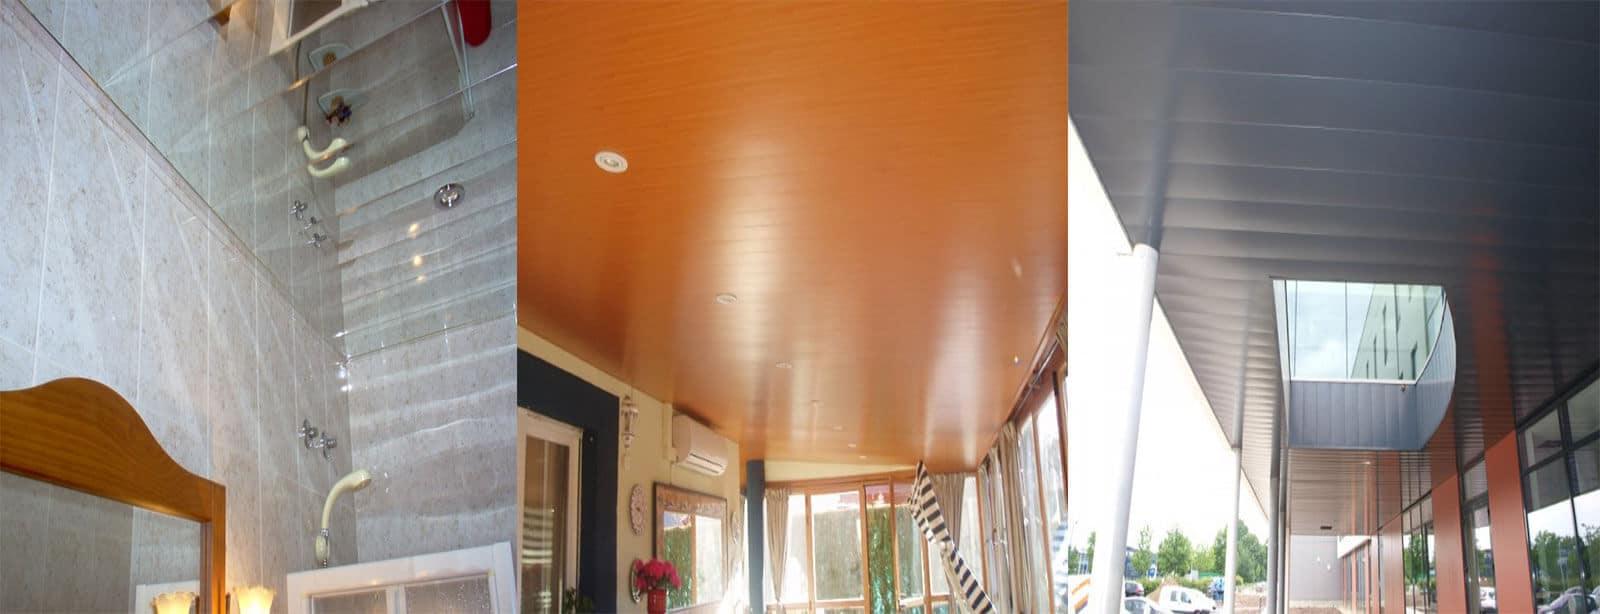 Foto de techos de aluminio registrables decorativos para baños